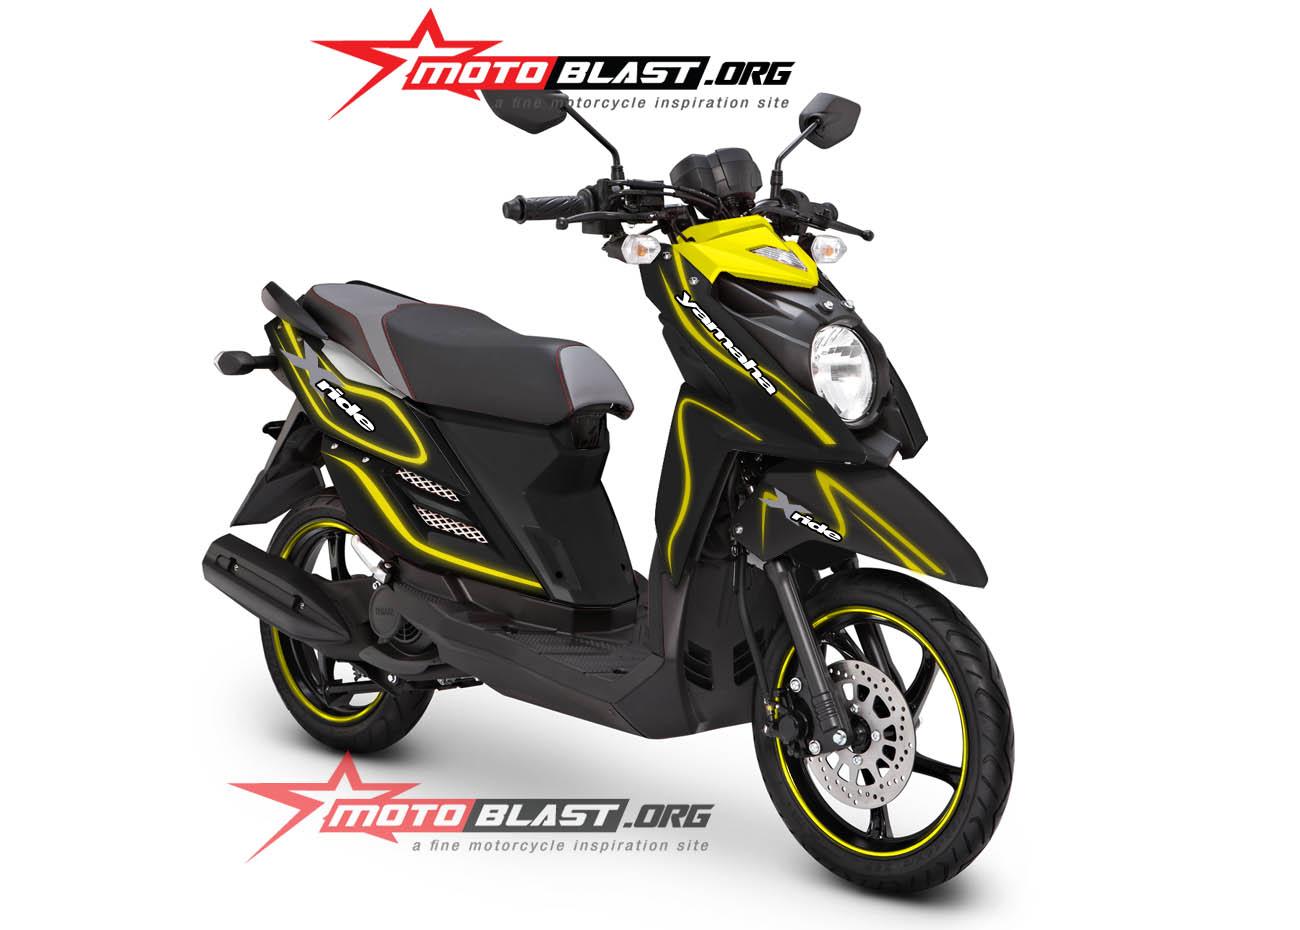 new megapro modif touring - Modifikasi Motor Terbaru